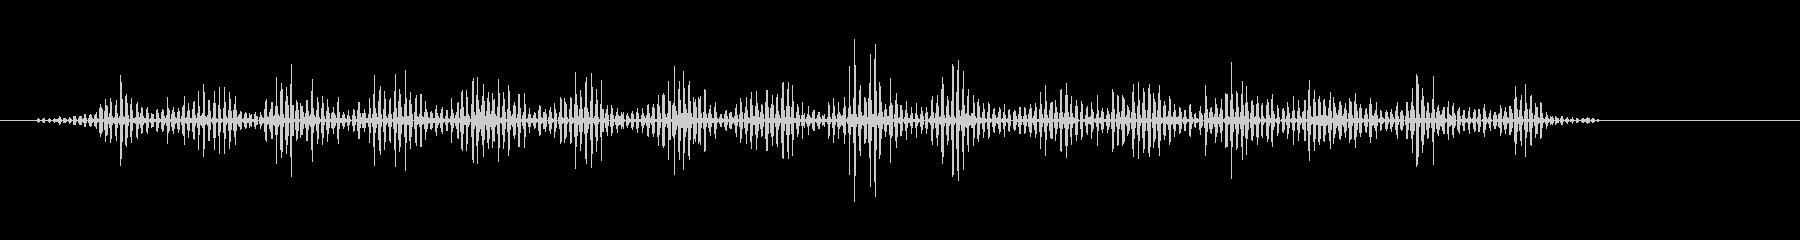 フラッター加工スペースフラッターの未再生の波形